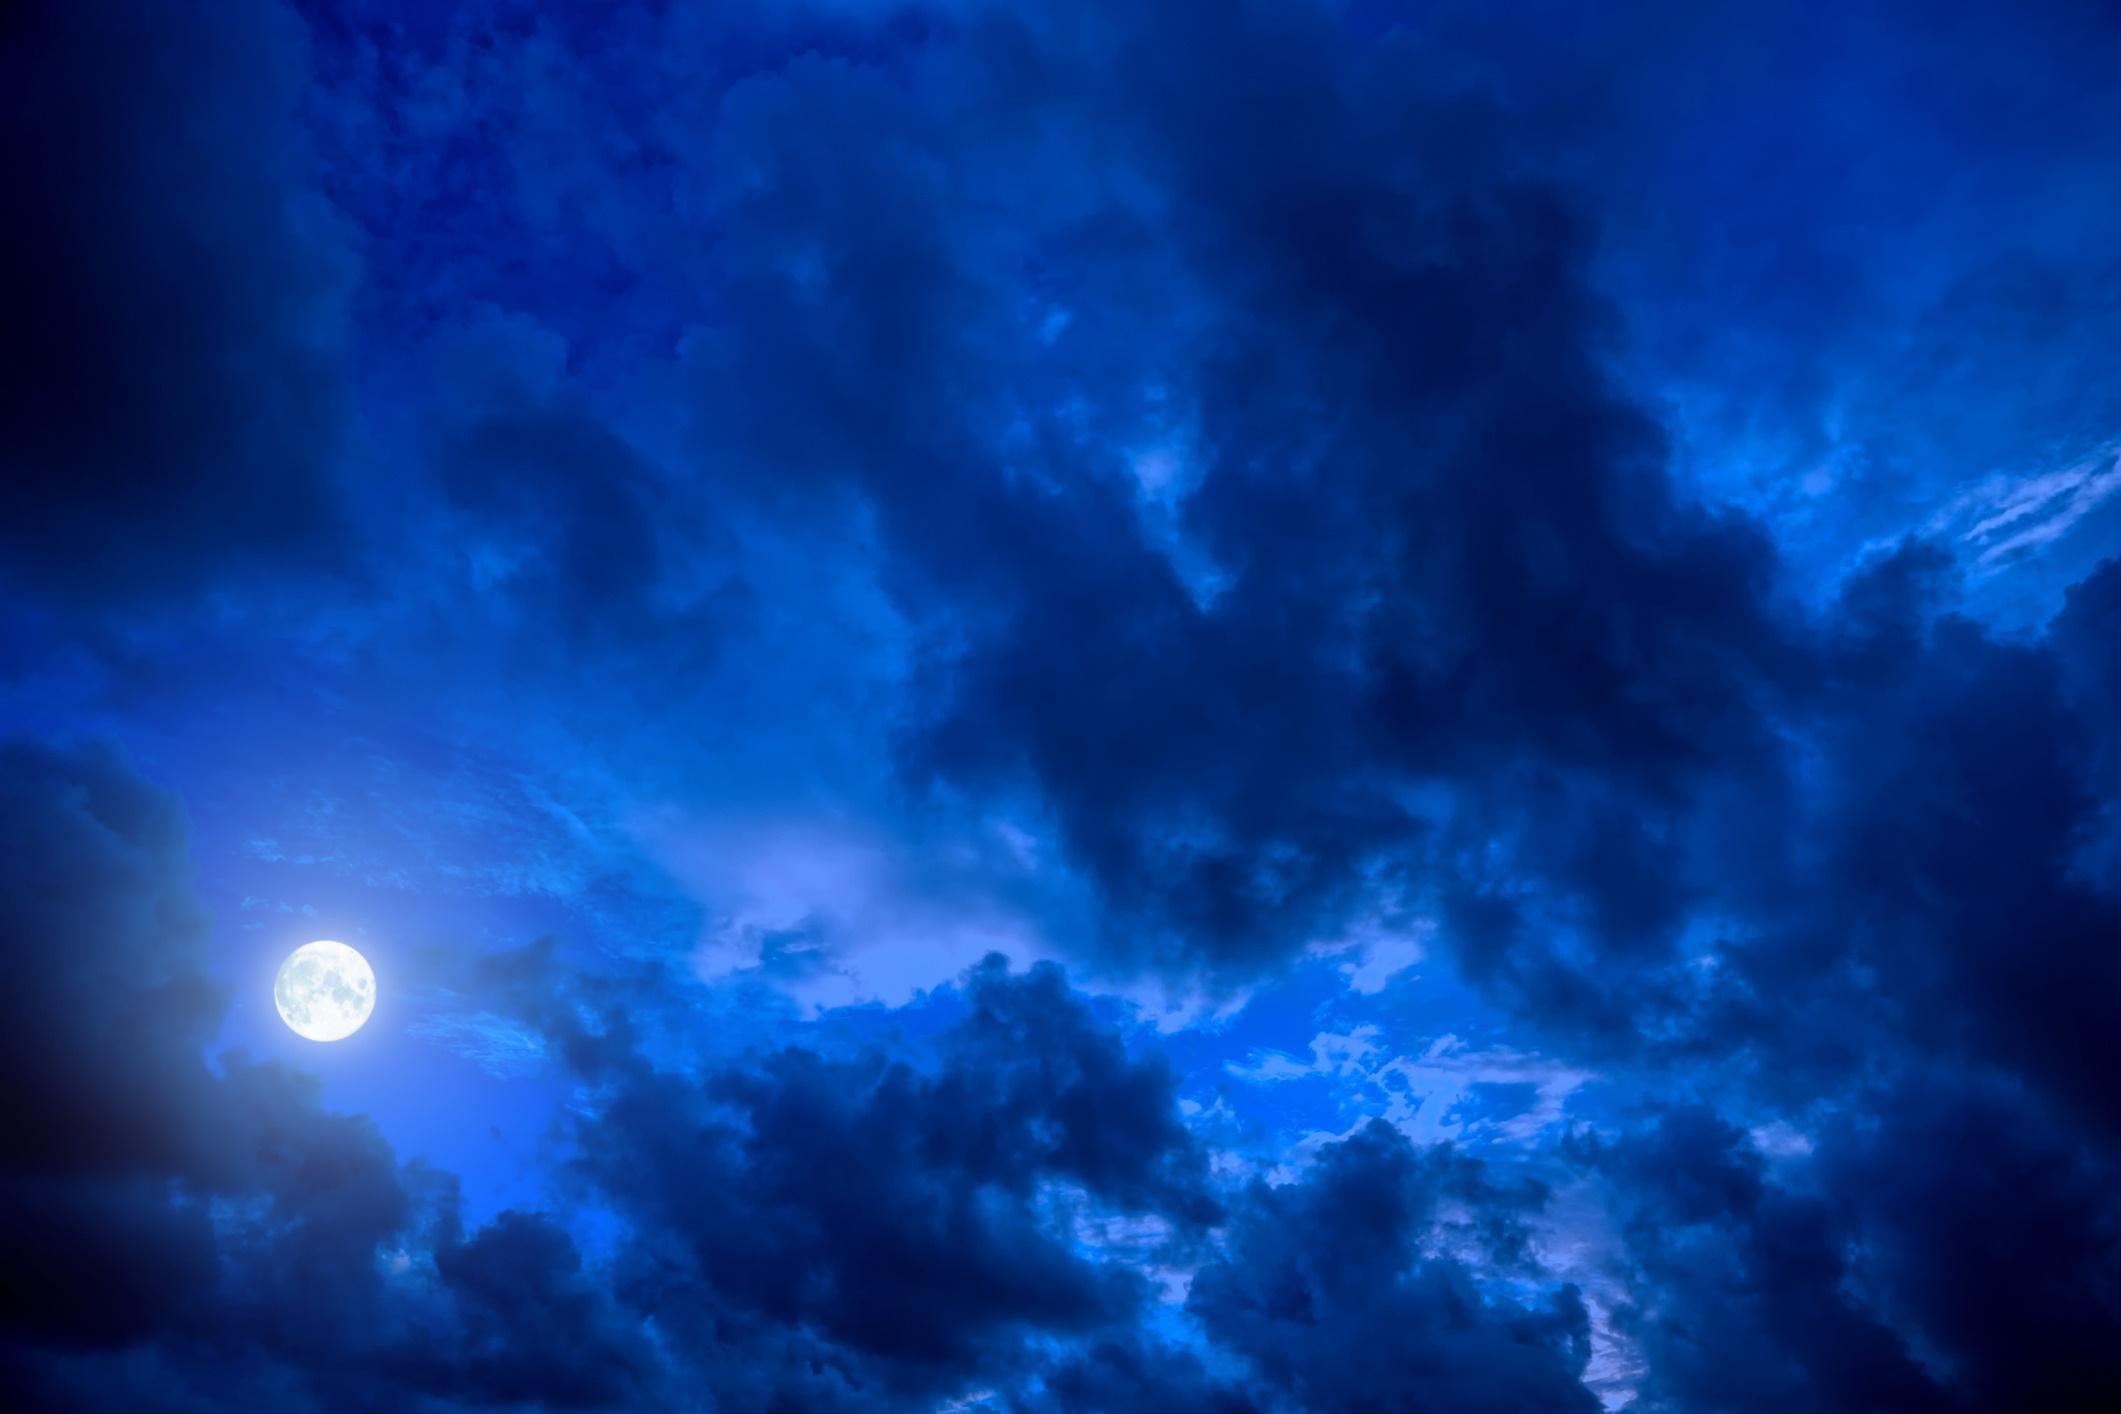 <p><strong>Ch&rsquo;en (2 януари &ndash; 21 януари)</strong></p>  <p><u>Значение: черна буря, черно небе, луна, запад</u></p>  <p>Хората, родени под този знак, са нощни птици и всичко свързано с нощта е добър символ за тях. Нощните животни, полускъпоценните камъни като лунен камък или нощното небе &ndash; вие черпите енергия от всичко това. Носете тъмно синьо, черно и сребристо, за да стимулирате въображението и идеите си.</p>